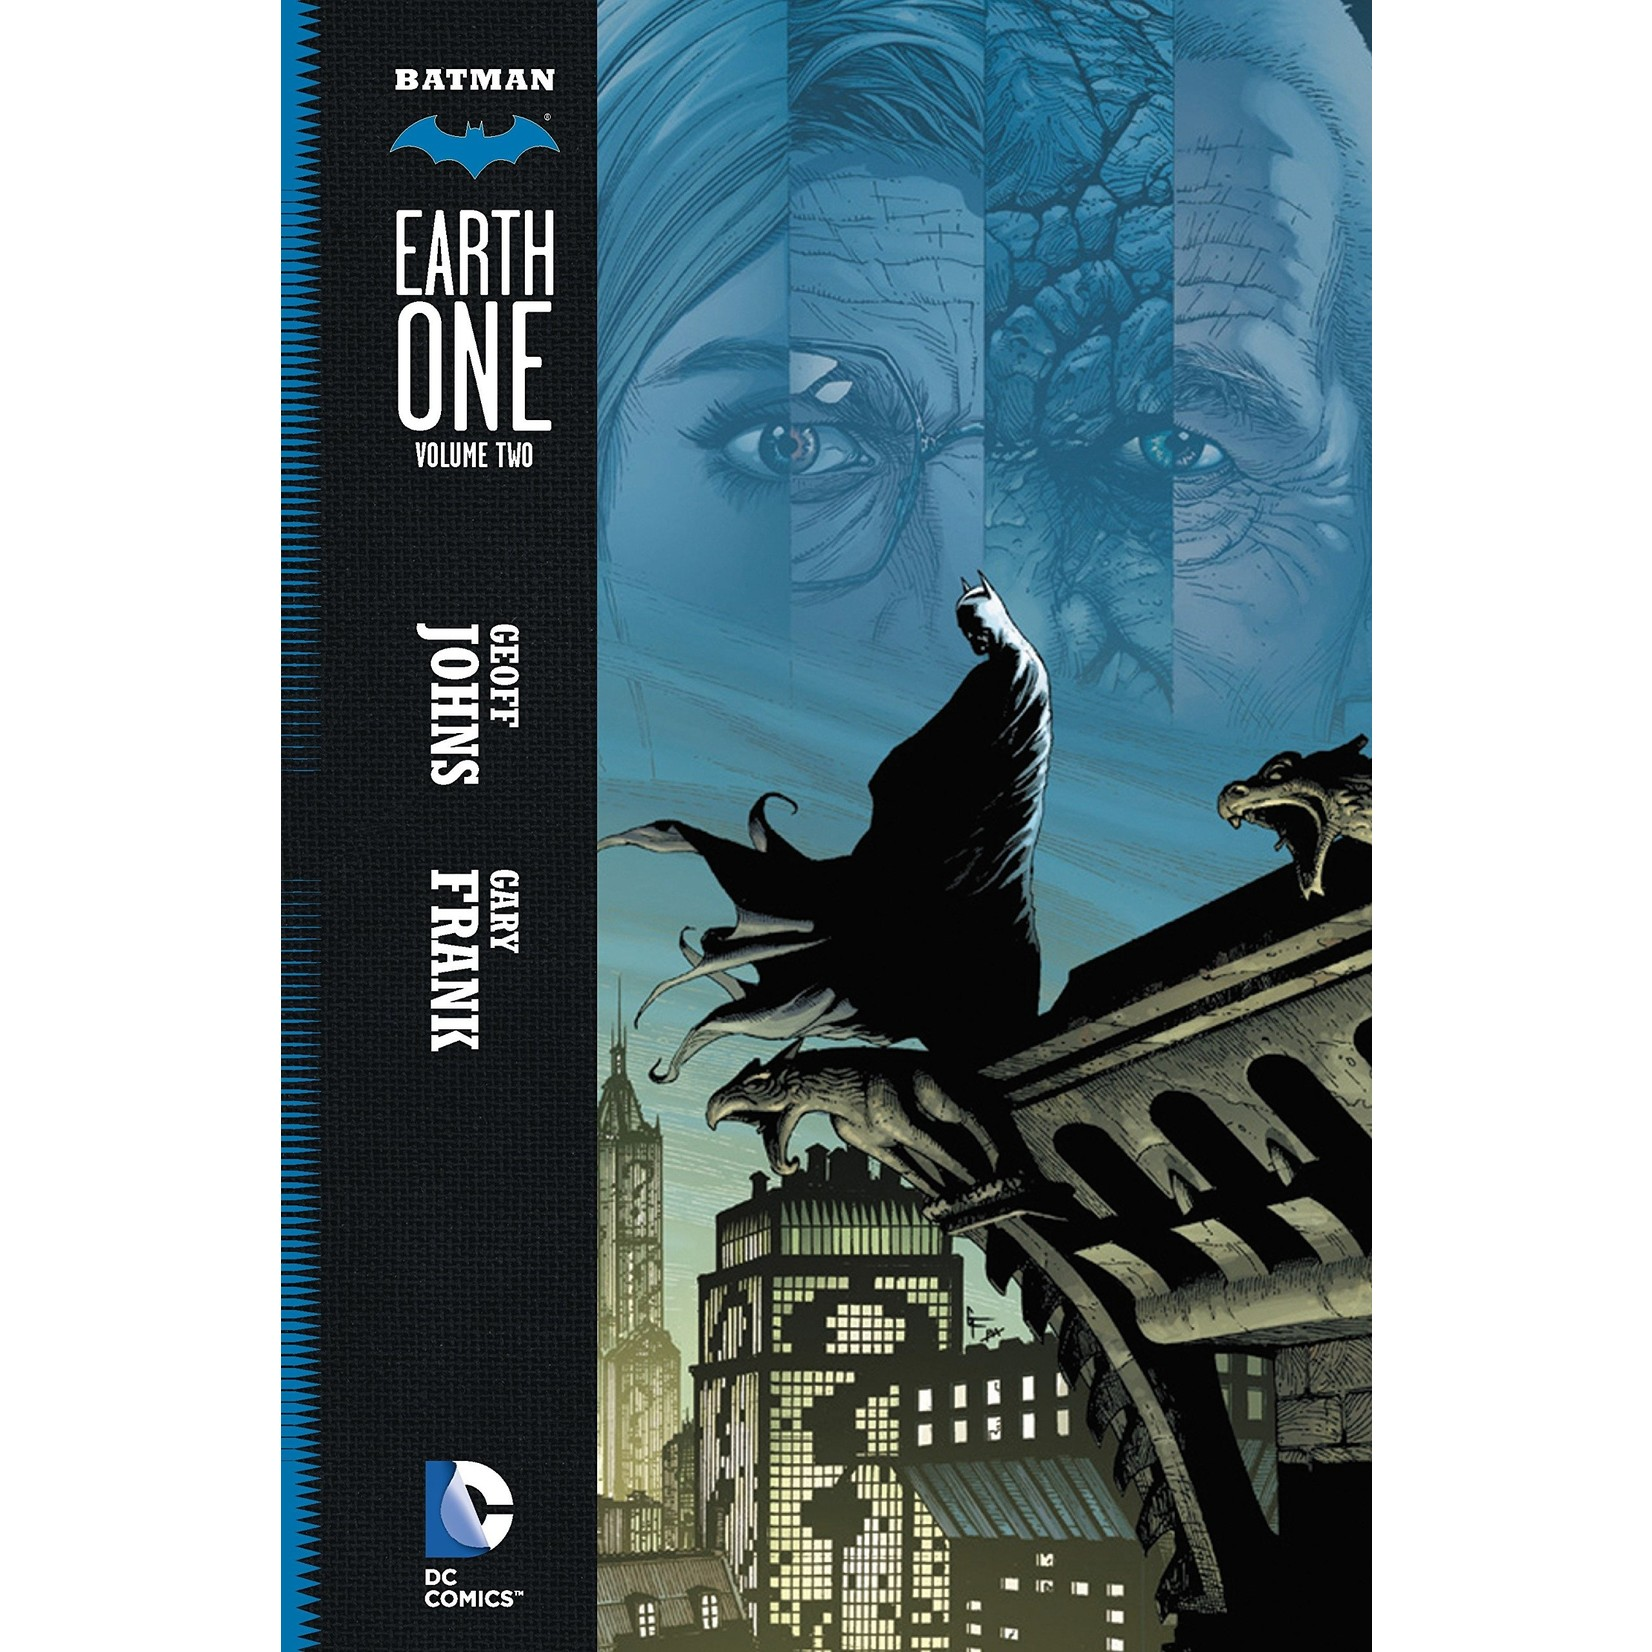 DC Comics BATMAN: EARTH ONE VOL. 2